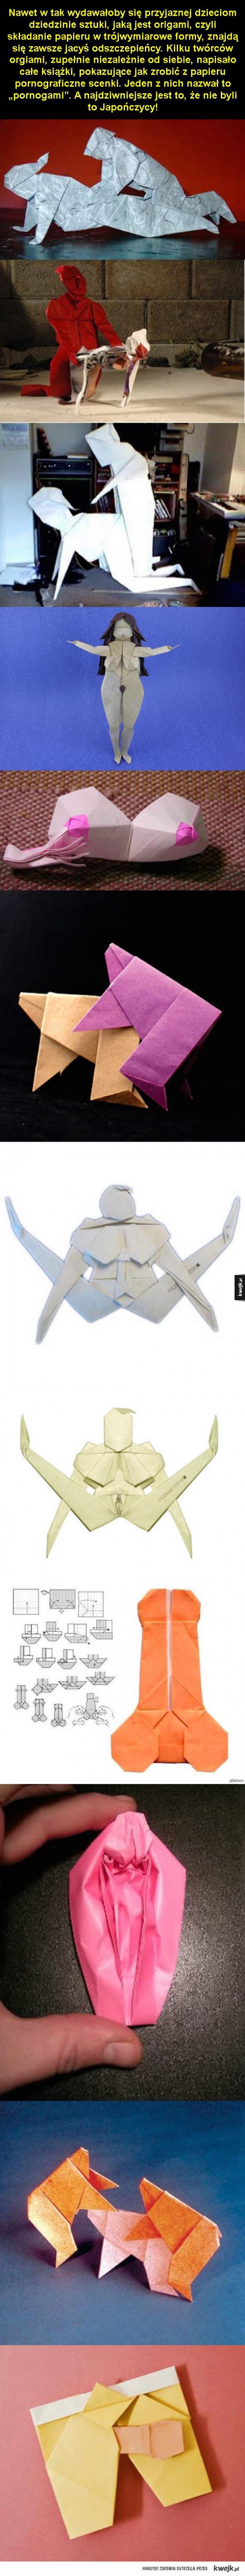 Origami dla dorosłych